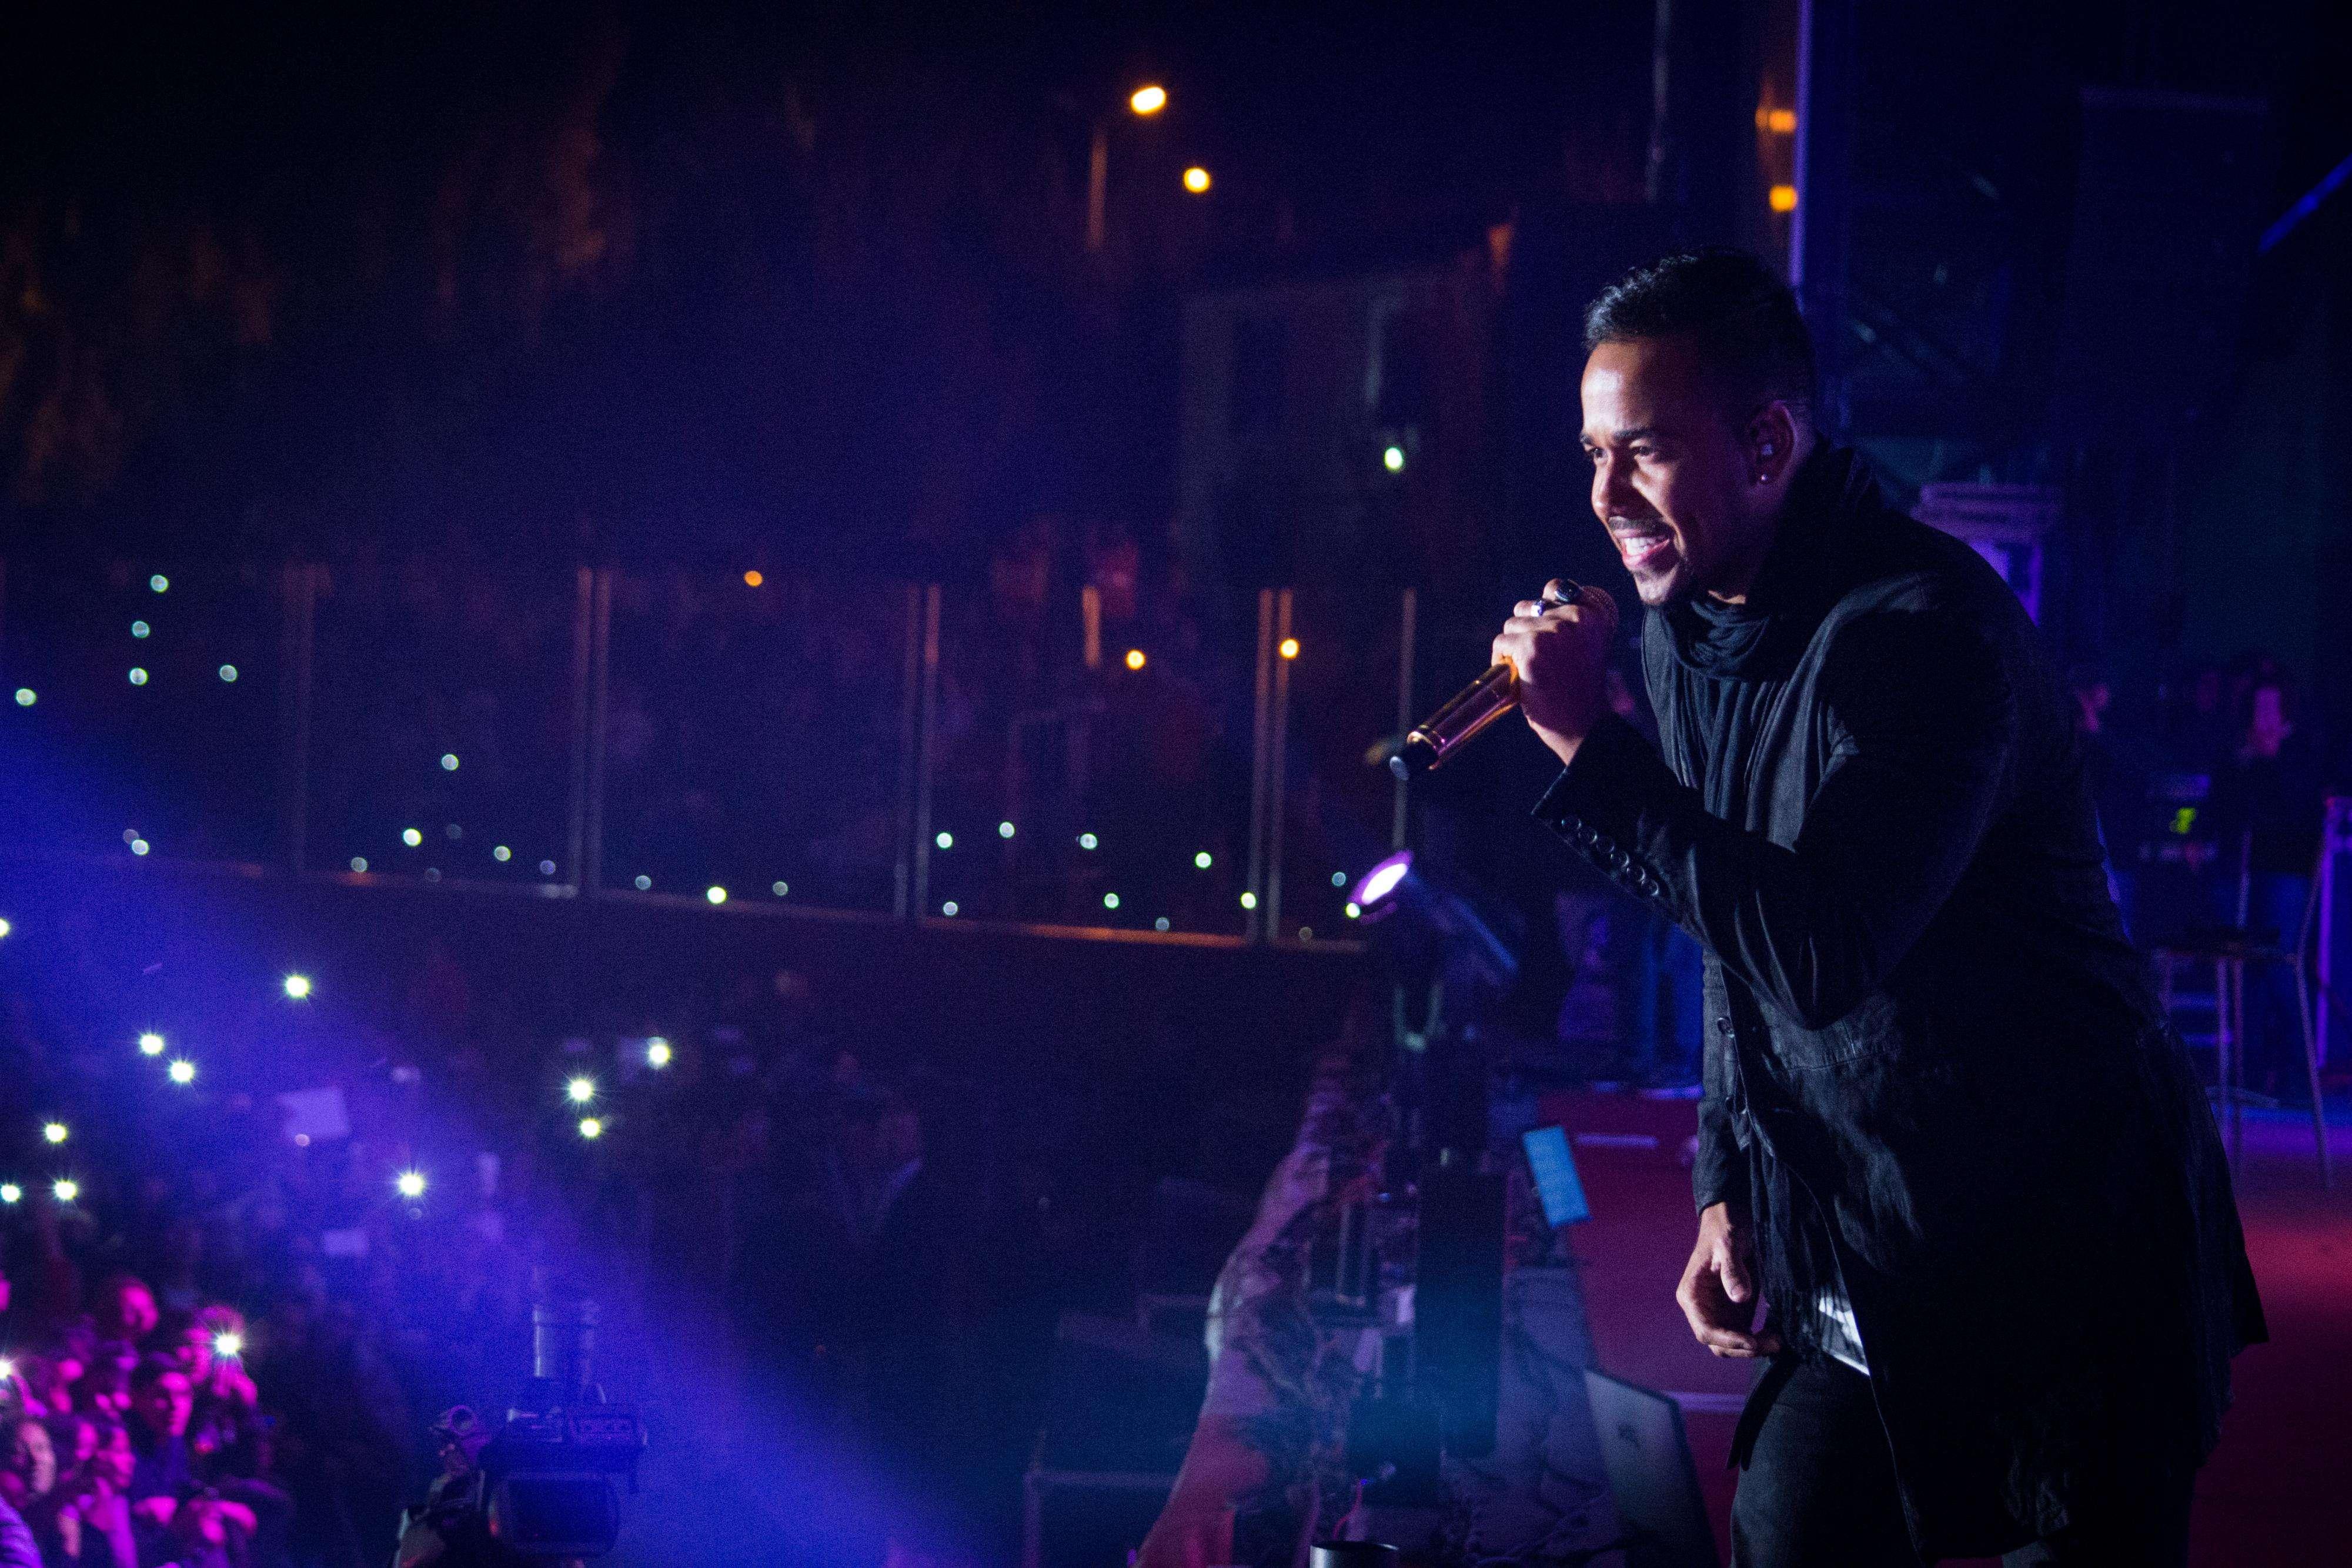 """El cantante hizo un repaso por canciones como """"Loco"""", """"Mi corazoncito"""", """"Cancioncitas de amor"""", """"Su veneno"""", """"Mi santa"""", """"Odio"""", """"Eres mía"""", """"Ella y yo"""", """"7 días"""", """"La diabla"""", """"Tu jueguito"""", """"Llévame contigo"""" y """"Un beso"""", entre otras. Foto: Prensa CZ Comunicación"""